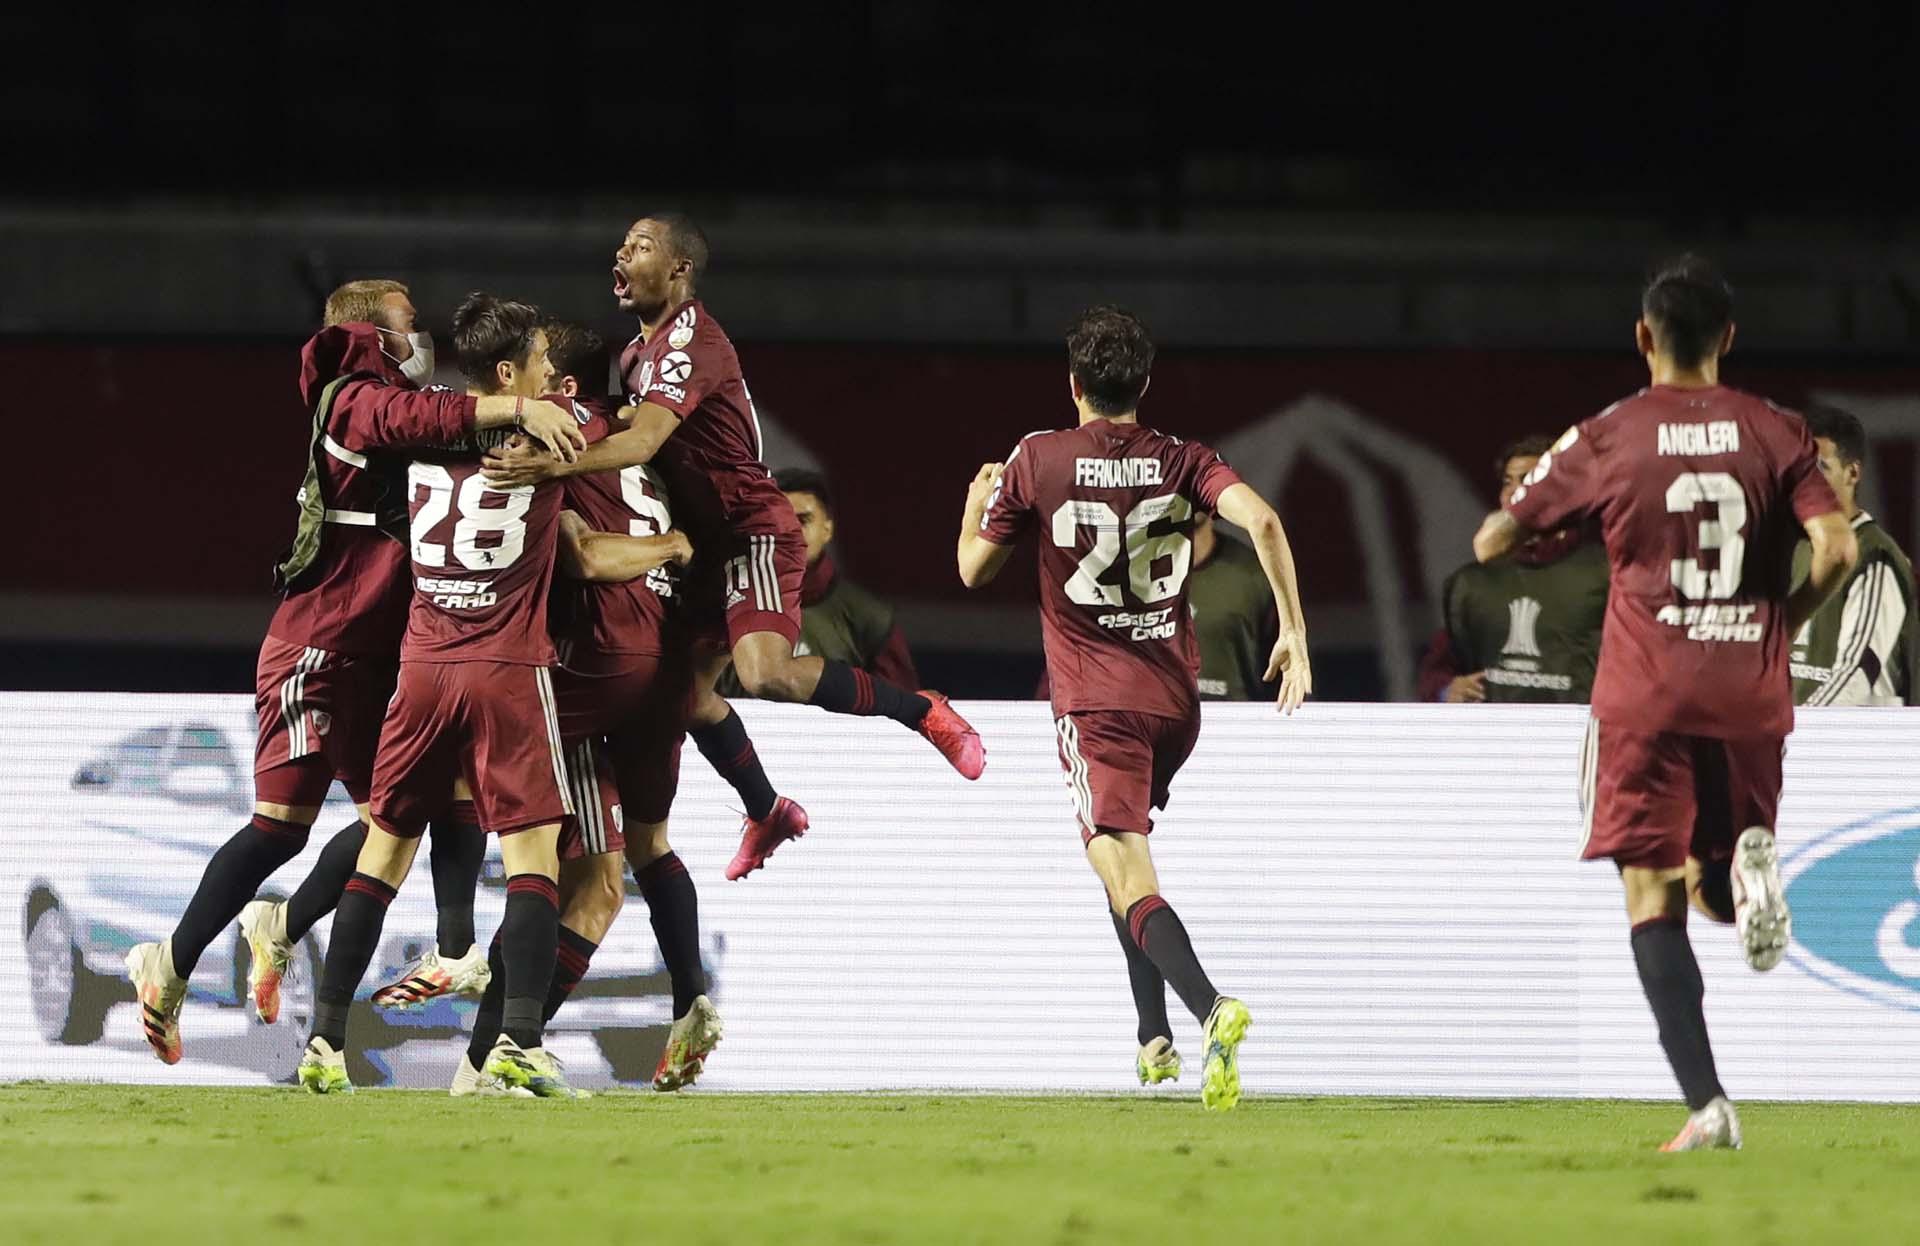 La celebración colectiva de river tras el gol de Julián Álvarez, el 2-1 parcial (REUTERS/Andre Penner)